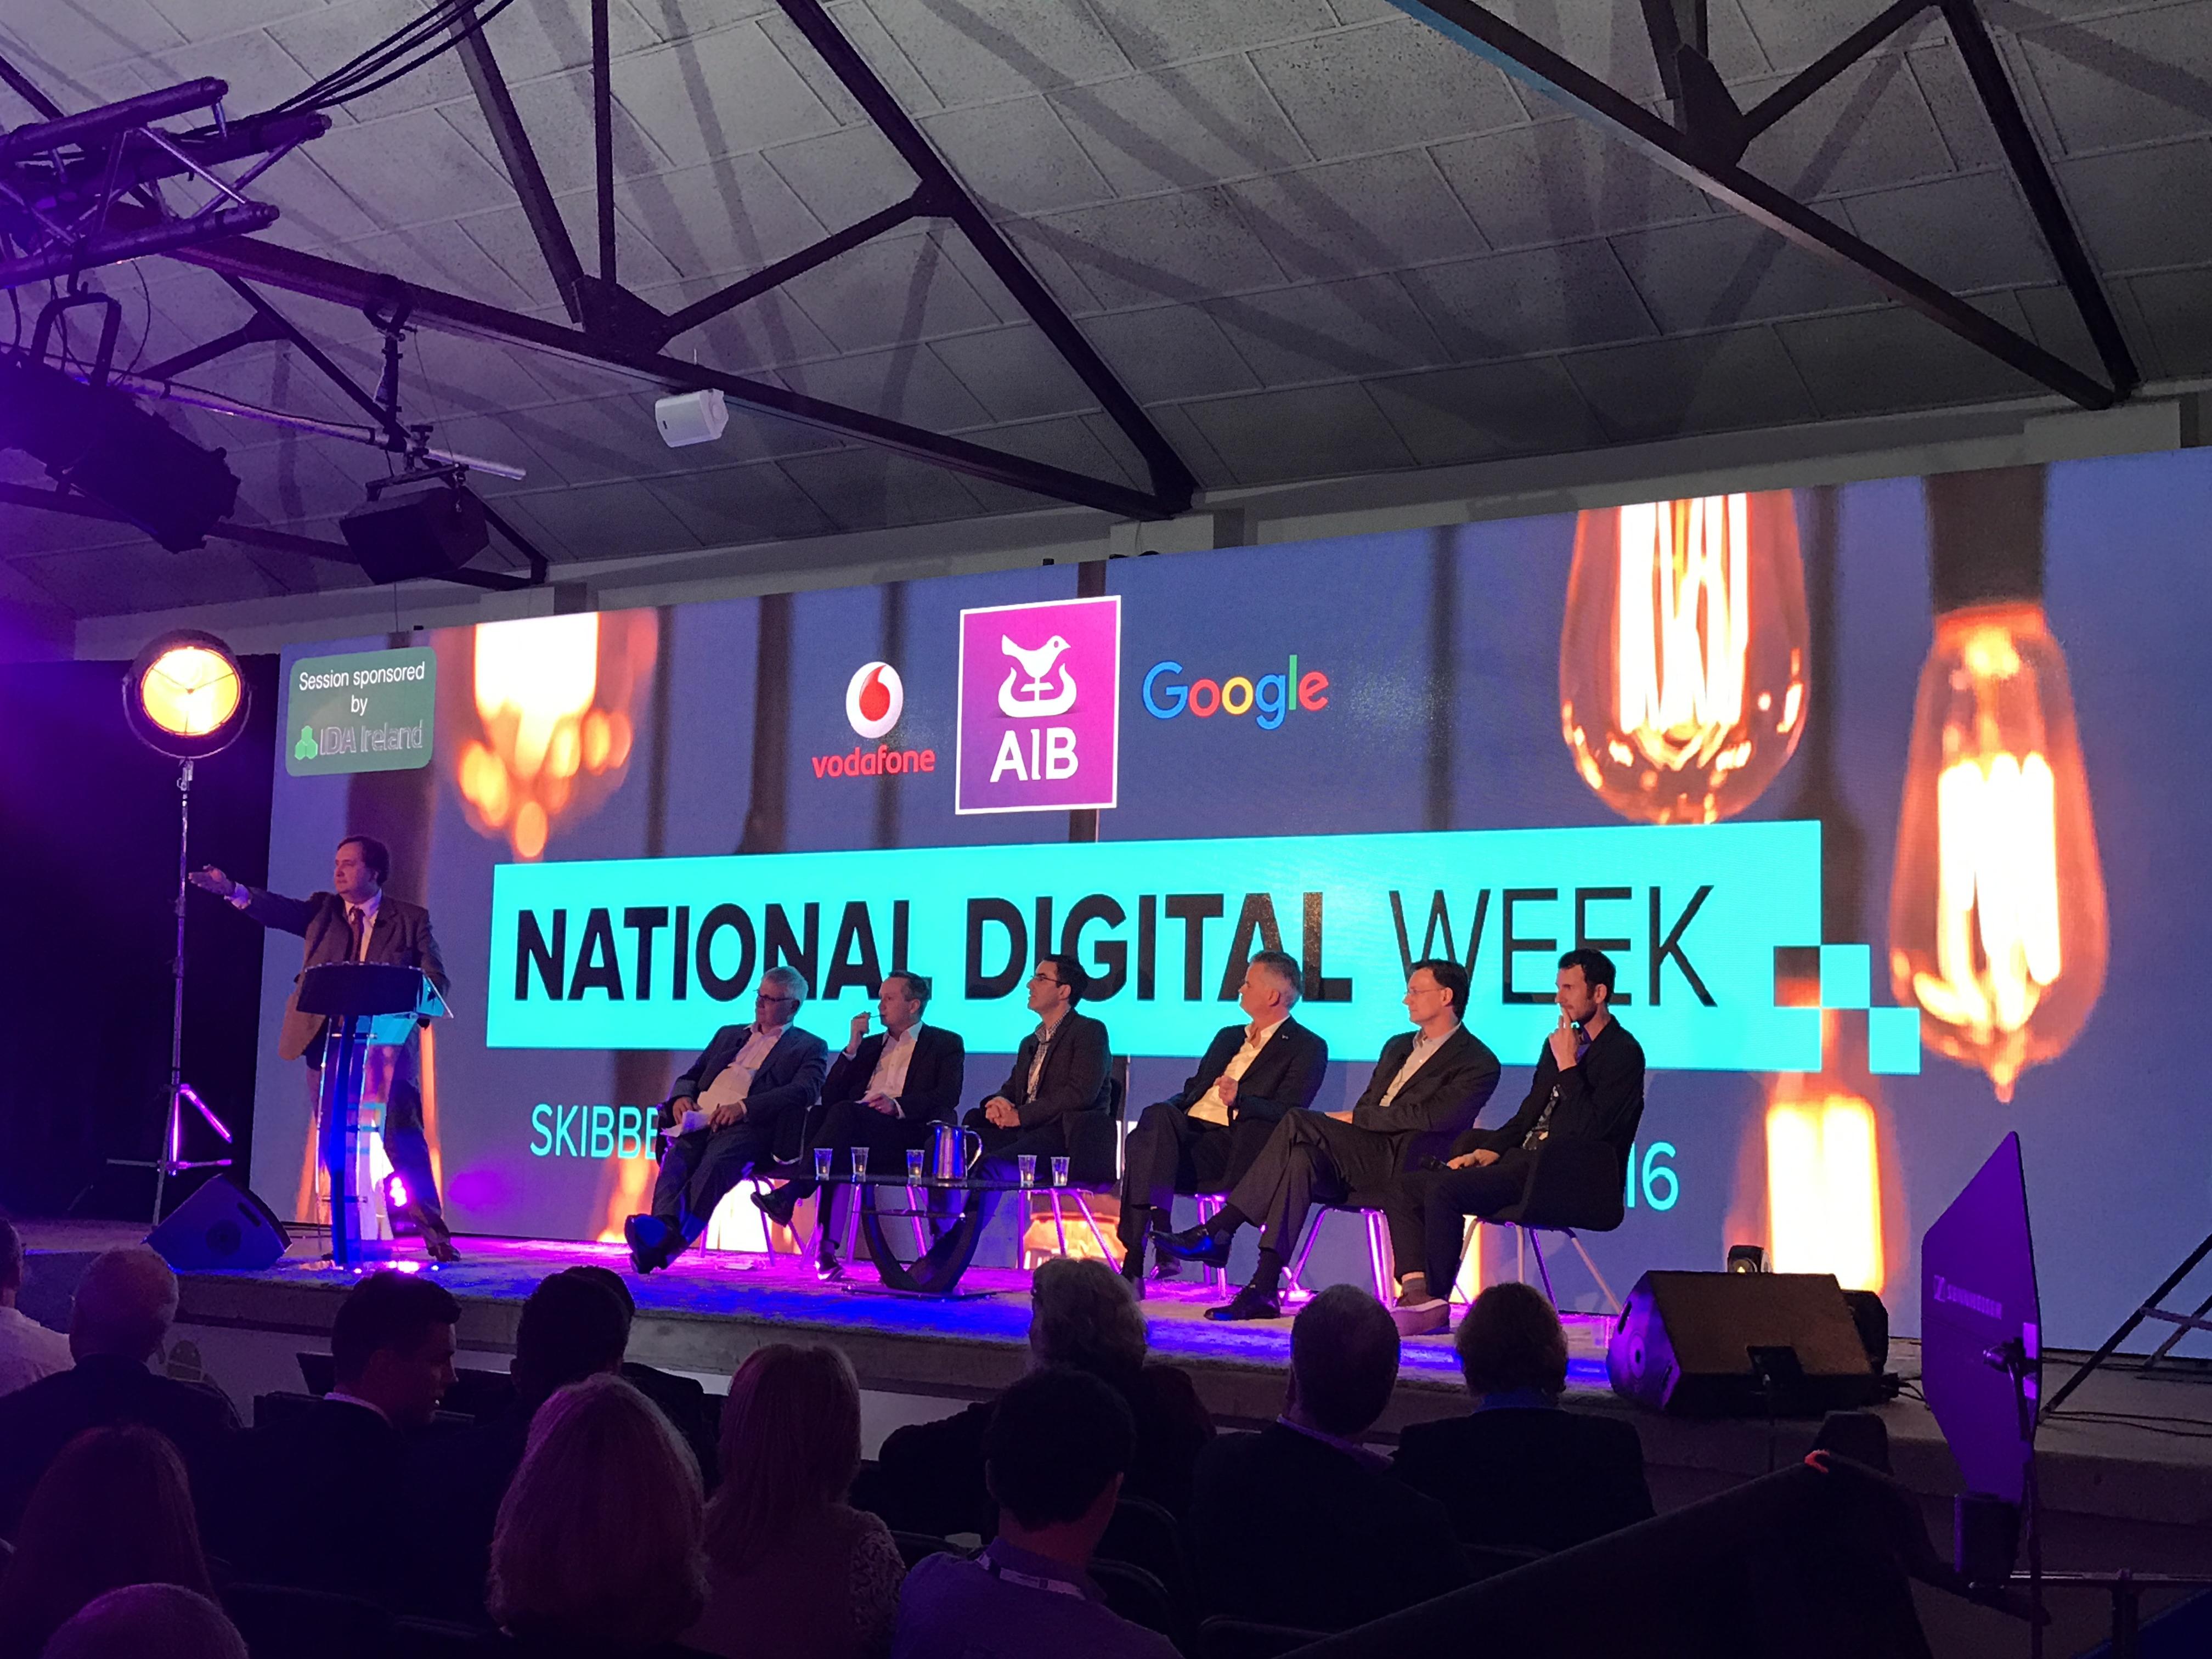 National Digital Week